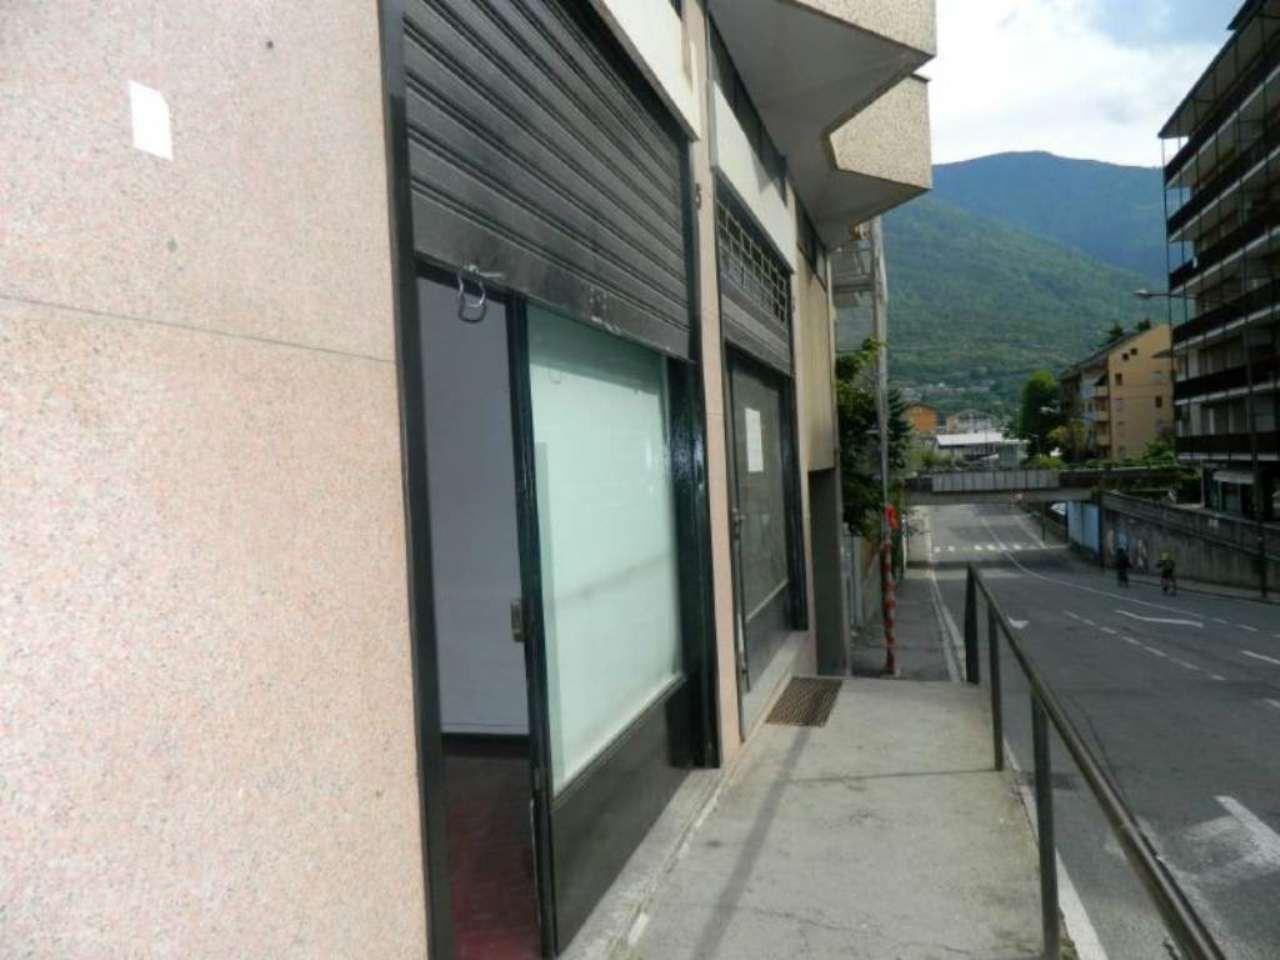 Negozio / Locale in affitto a Sondrio, 2 locali, prezzo € 400 | CambioCasa.it